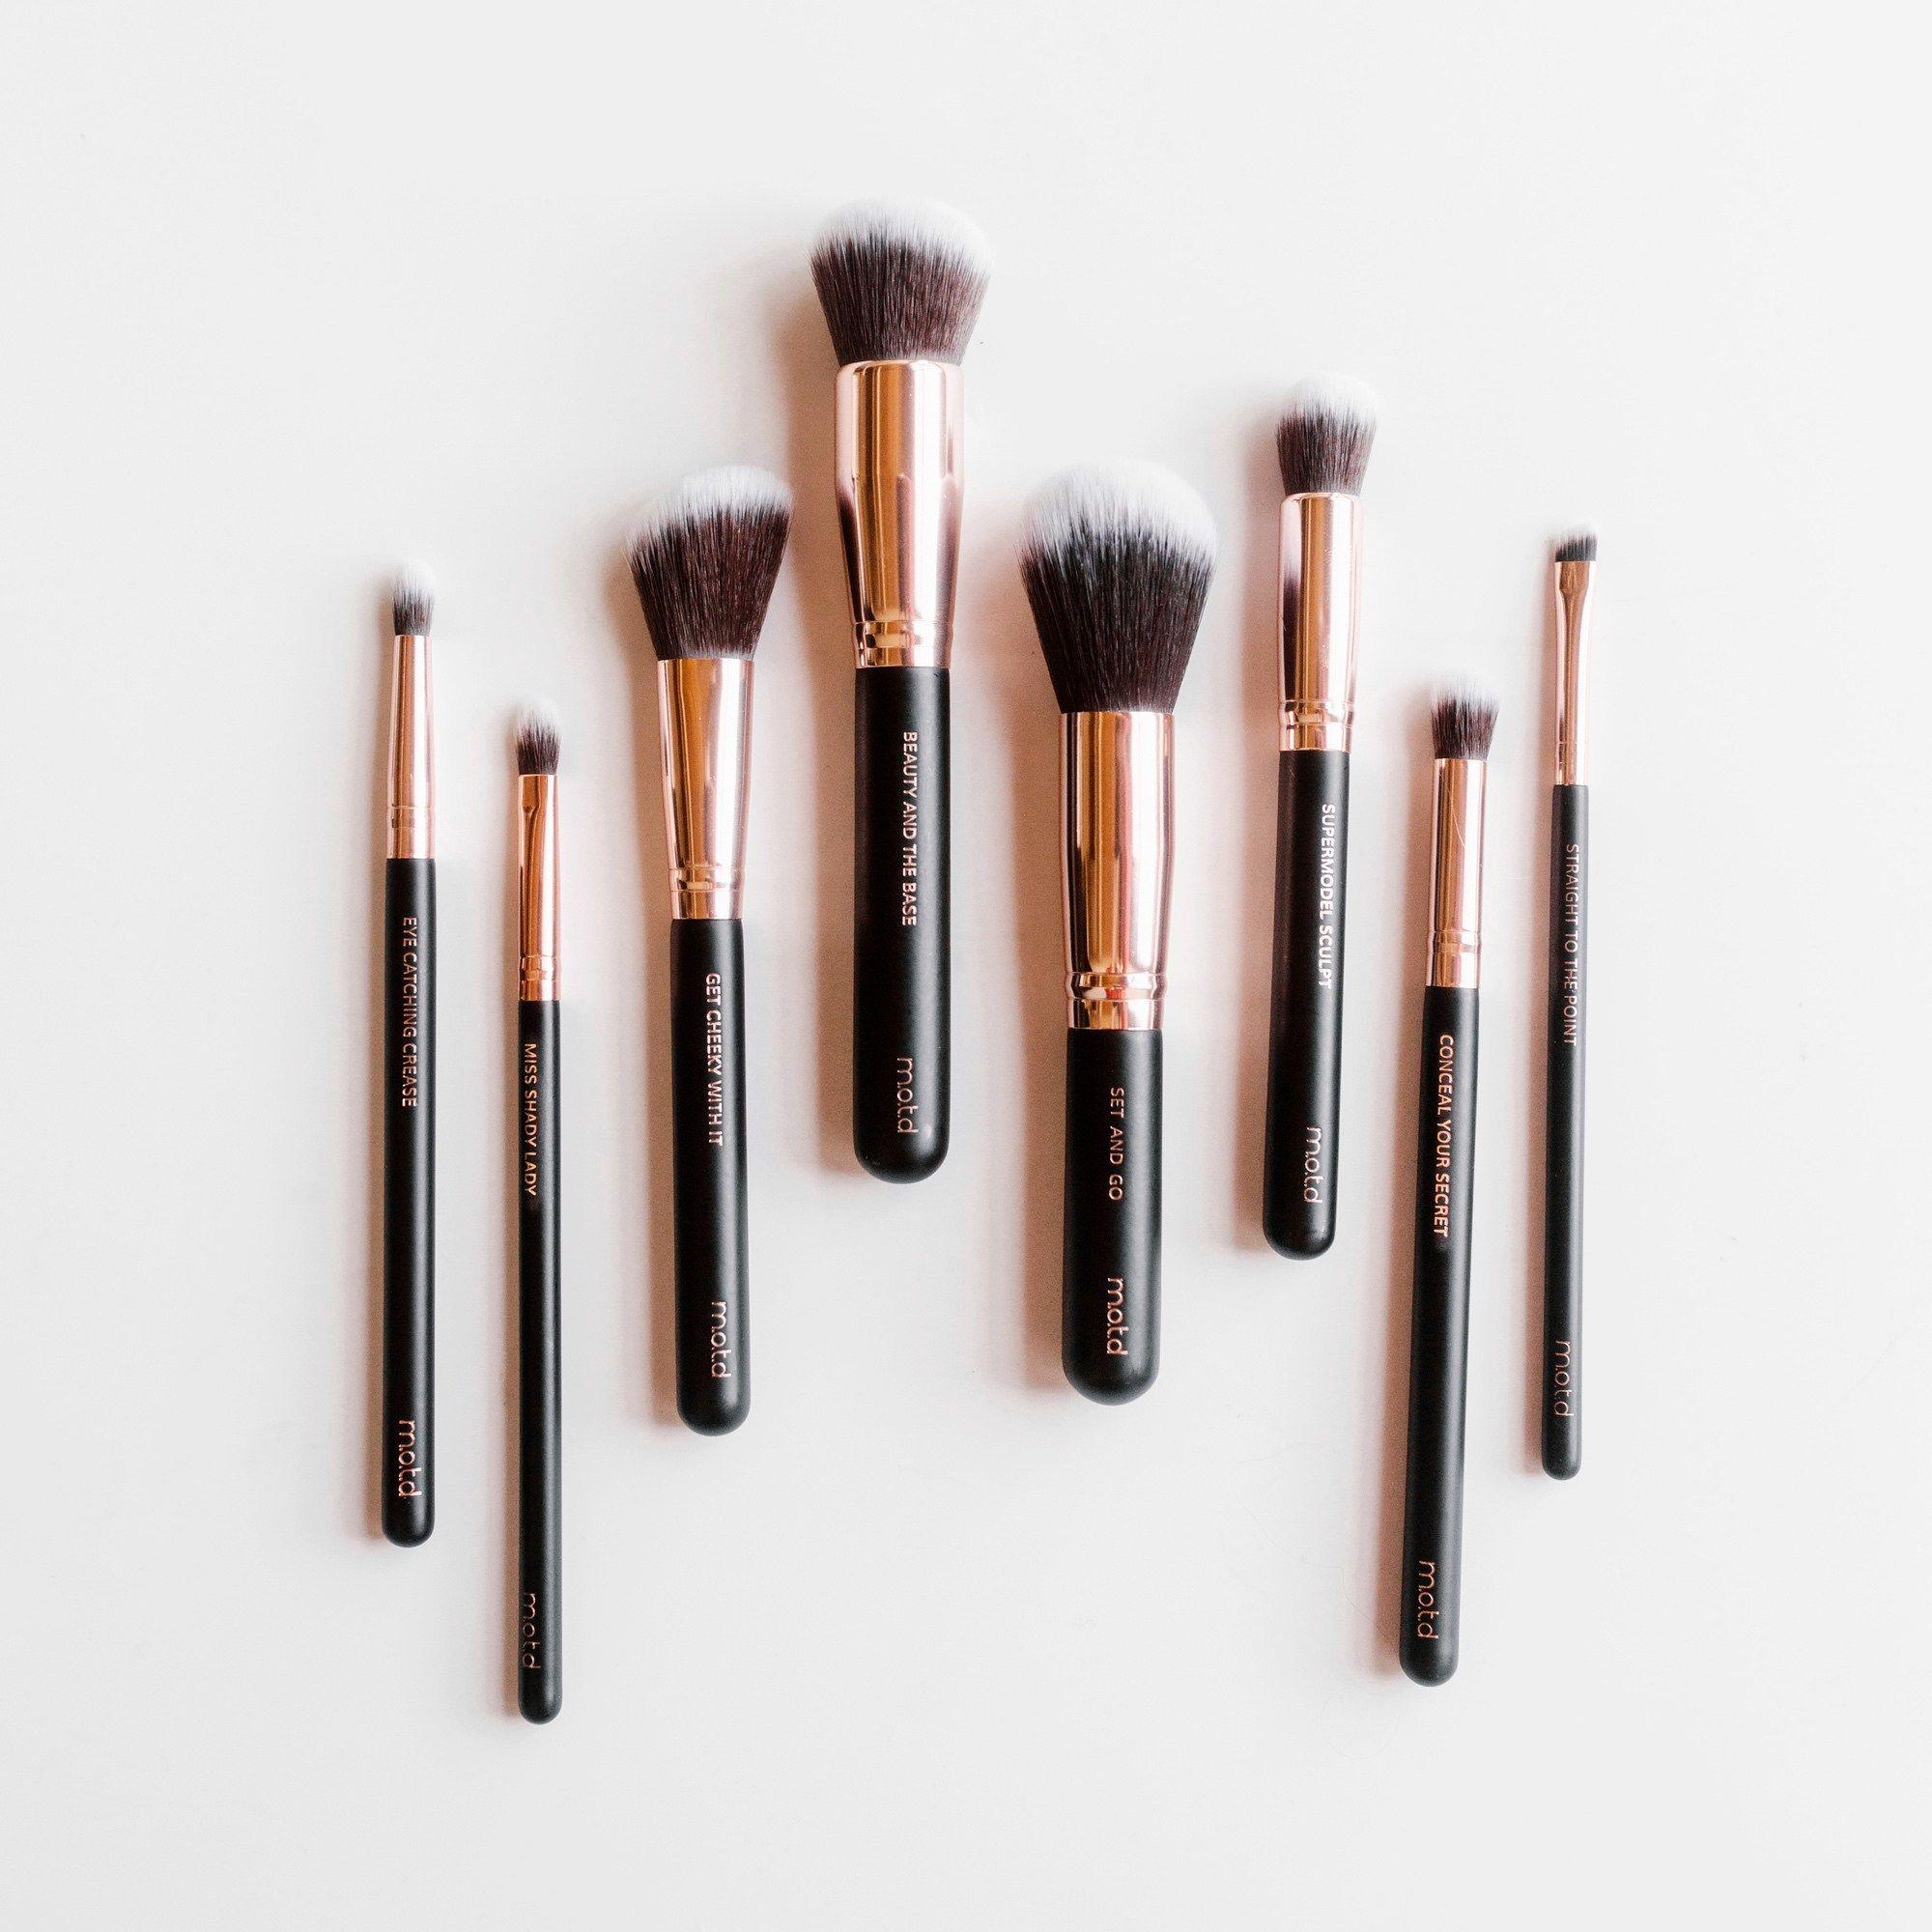 Lux Vegan Makeup Brush Essentials Essential makeup